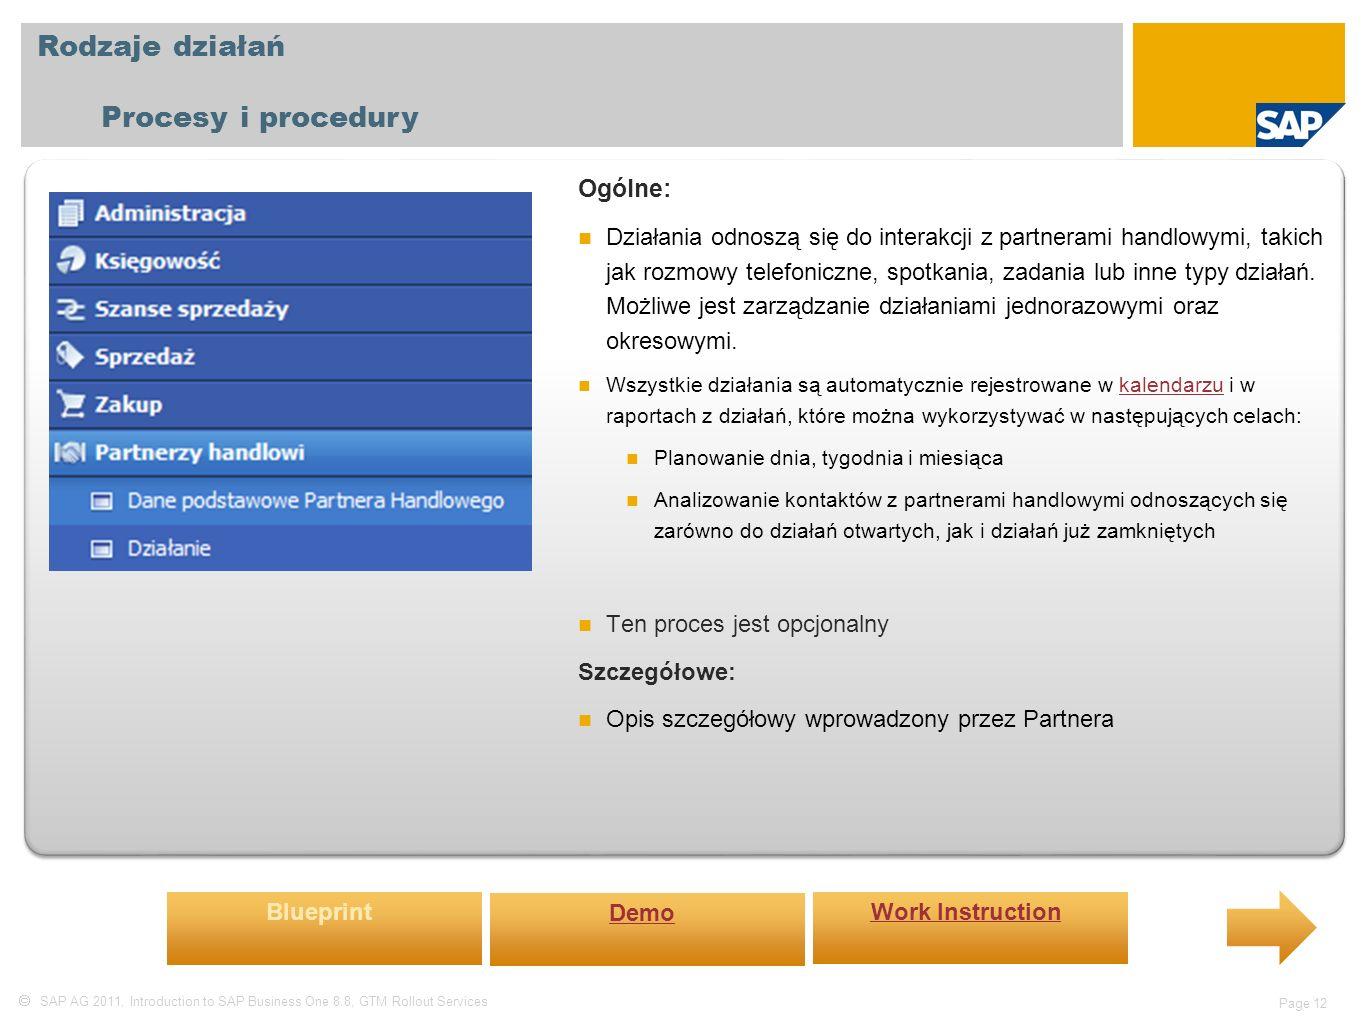  SAP AG 2011, Introduction to SAP Business One 8.8, GTM Rollout Services Page 12 Rodzaje działań Procesy i procedury Ogólne: Działania odnoszą się do interakcji z partnerami handlowymi, takich jak rozmowy telefoniczne, spotkania, zadania lub inne typy działań.